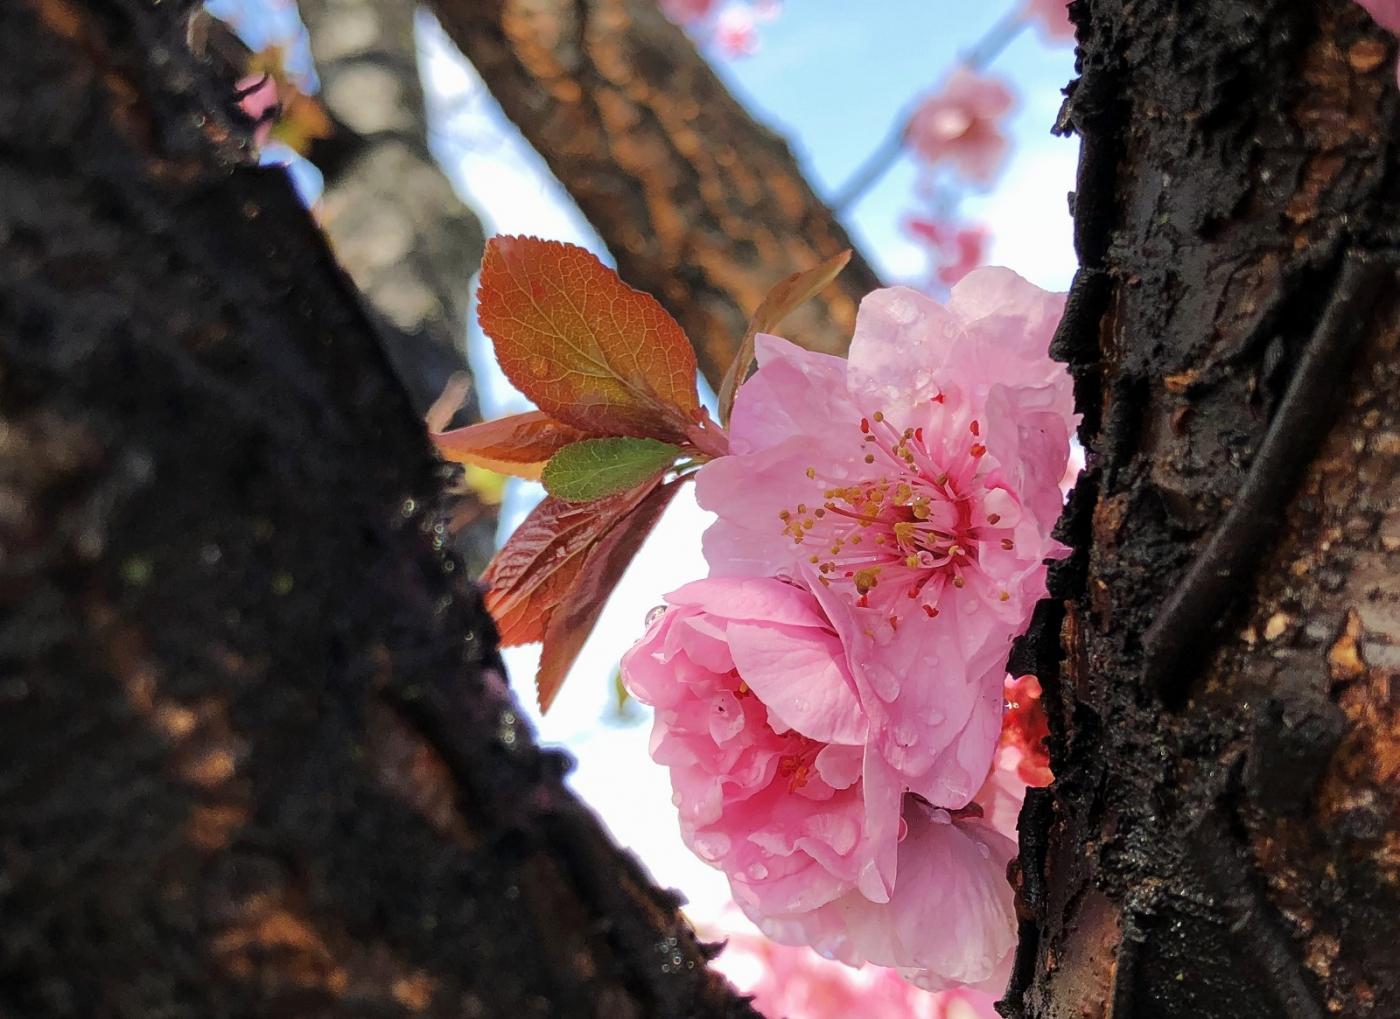 【田螺手机摄影】街口的杏花又开一年_图1-12